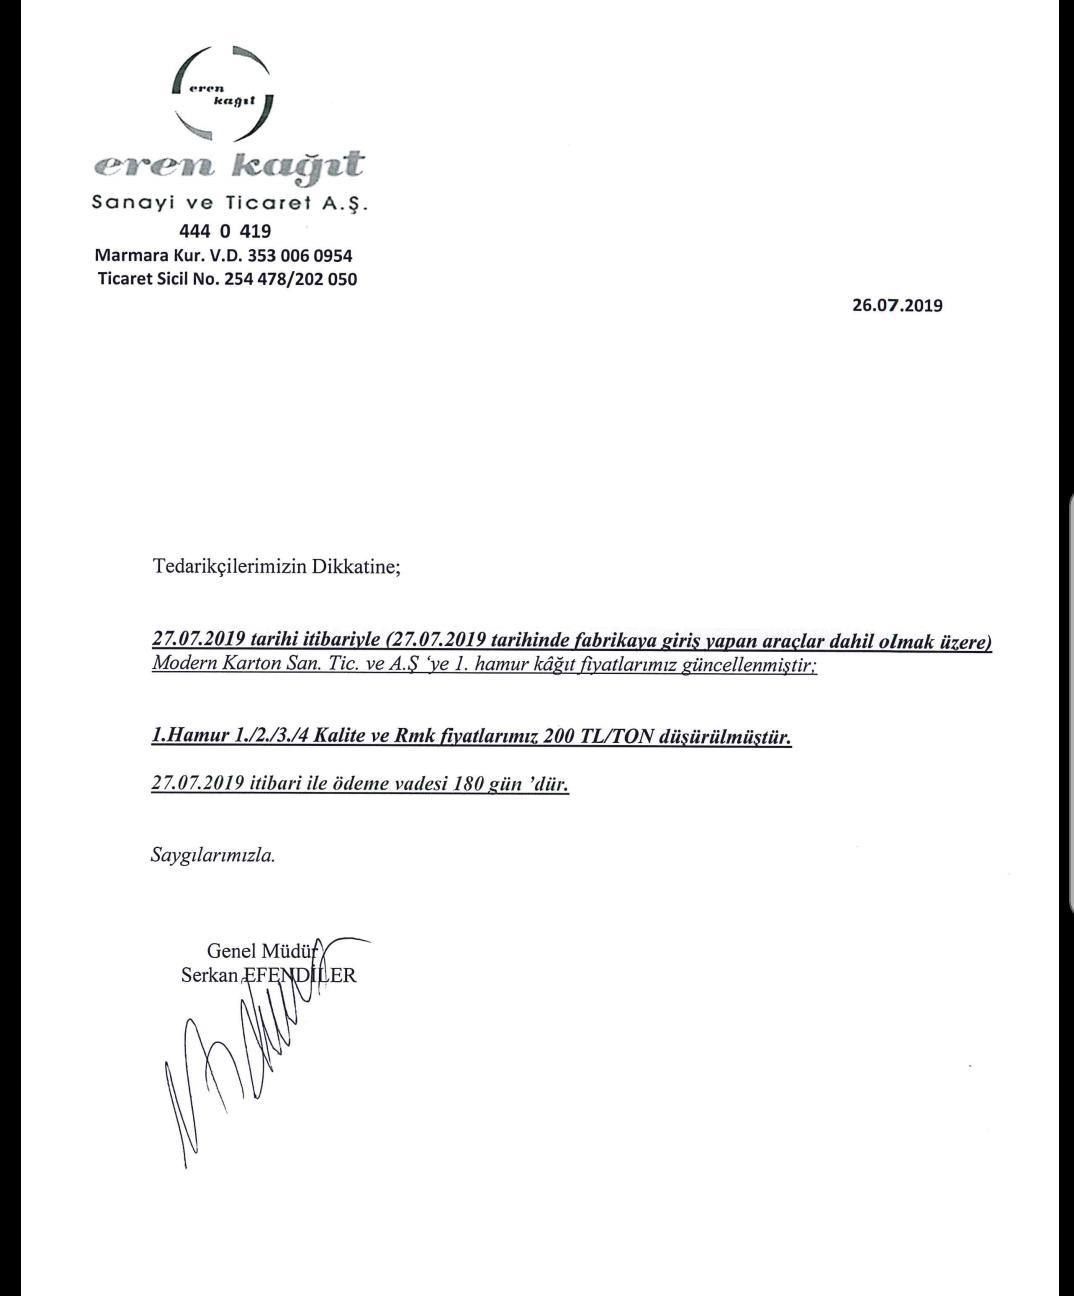 Eren Holding kendi rantı uğruna milyonların emeğini sömürmeye devam ediyor!